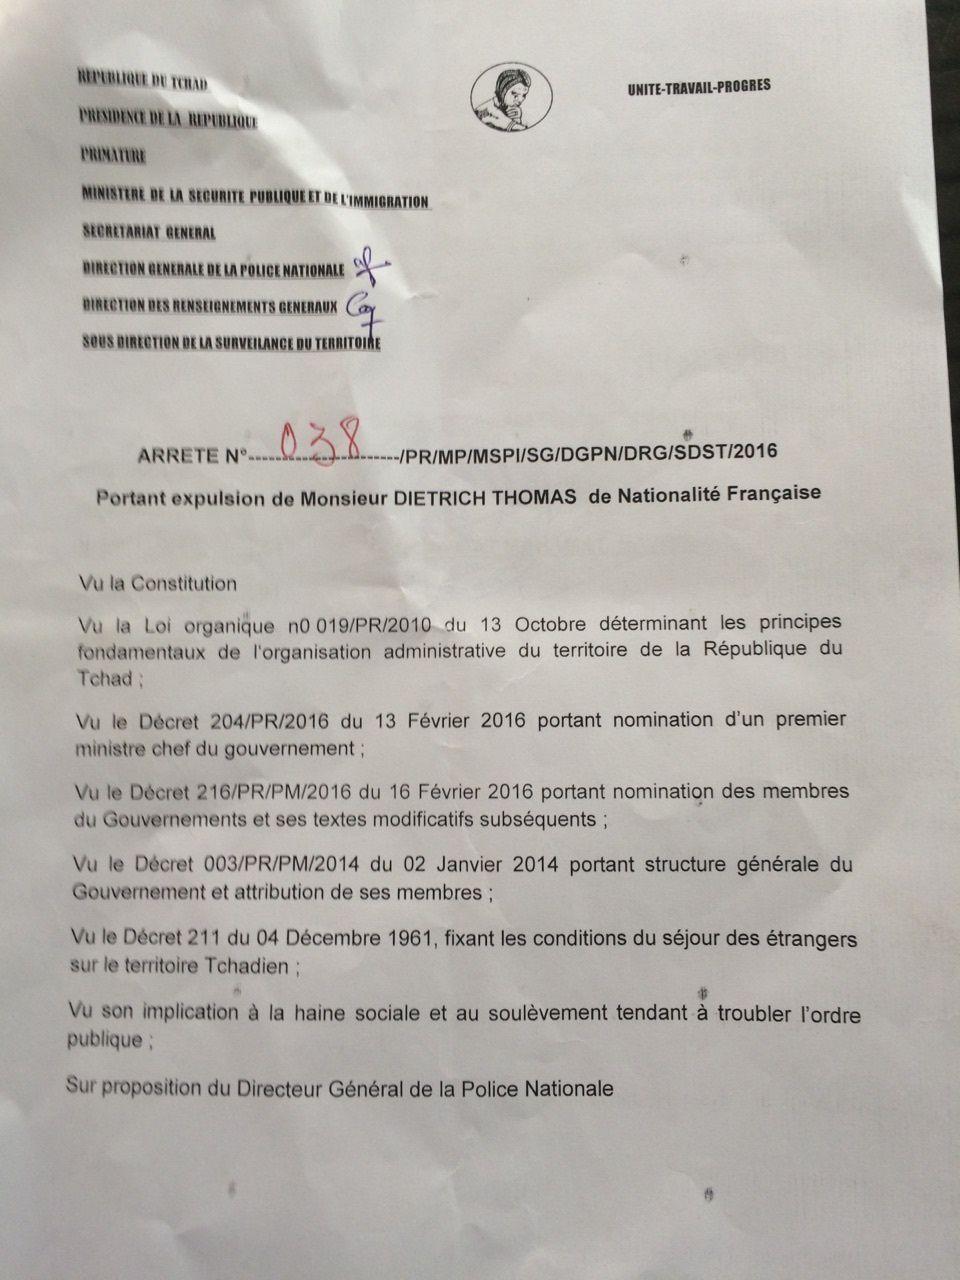 Tchad: pourquoi la France ferme-t-elle les yeux sur les expulsions de ses ressortissants  par le régime terroriste d'Idriss Deby ?